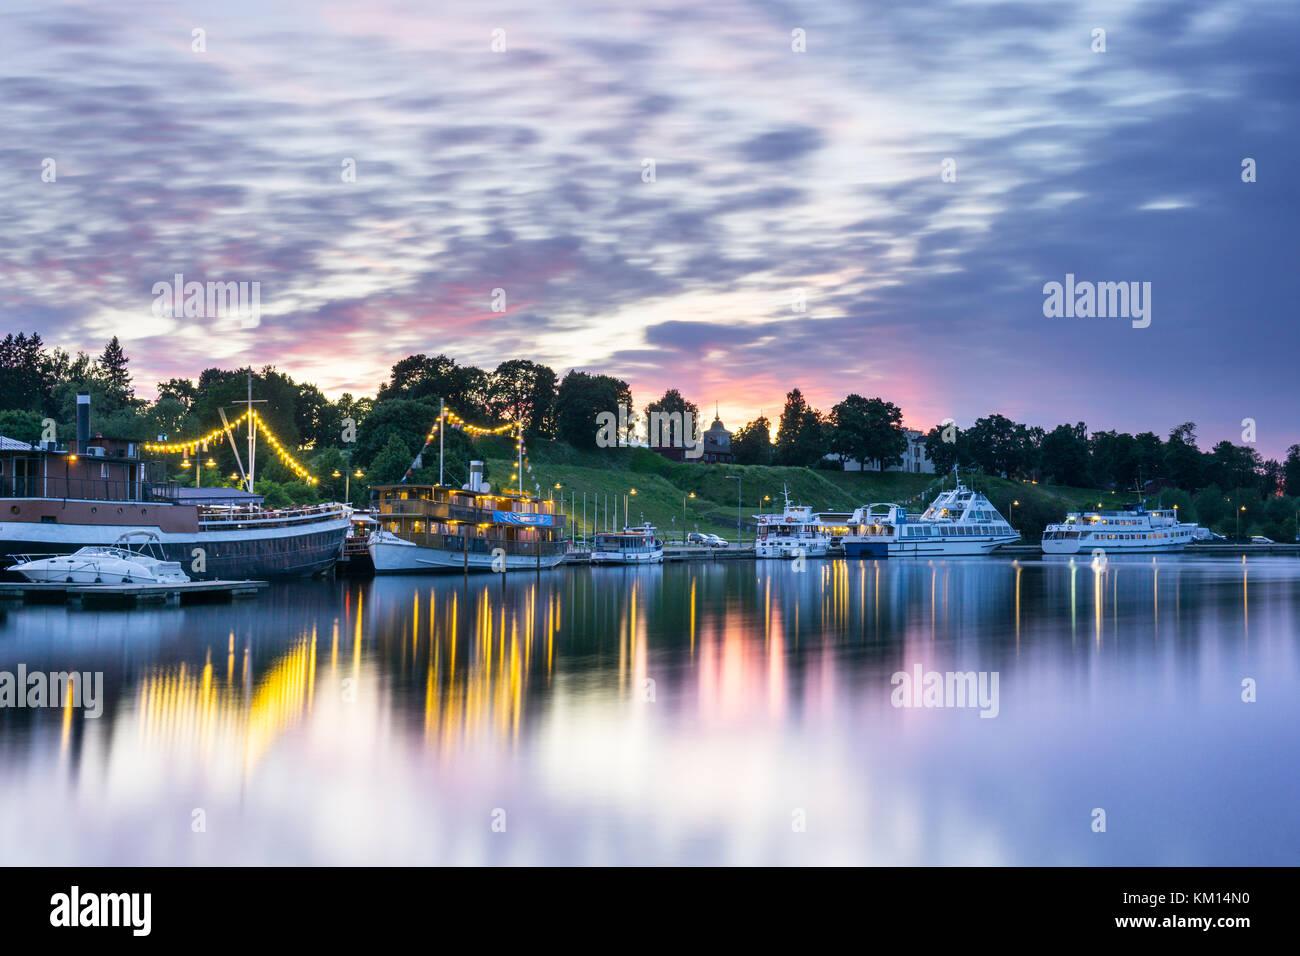 Lappeenrannan satama kesällä. Värikkäät pilvet - Stock Image